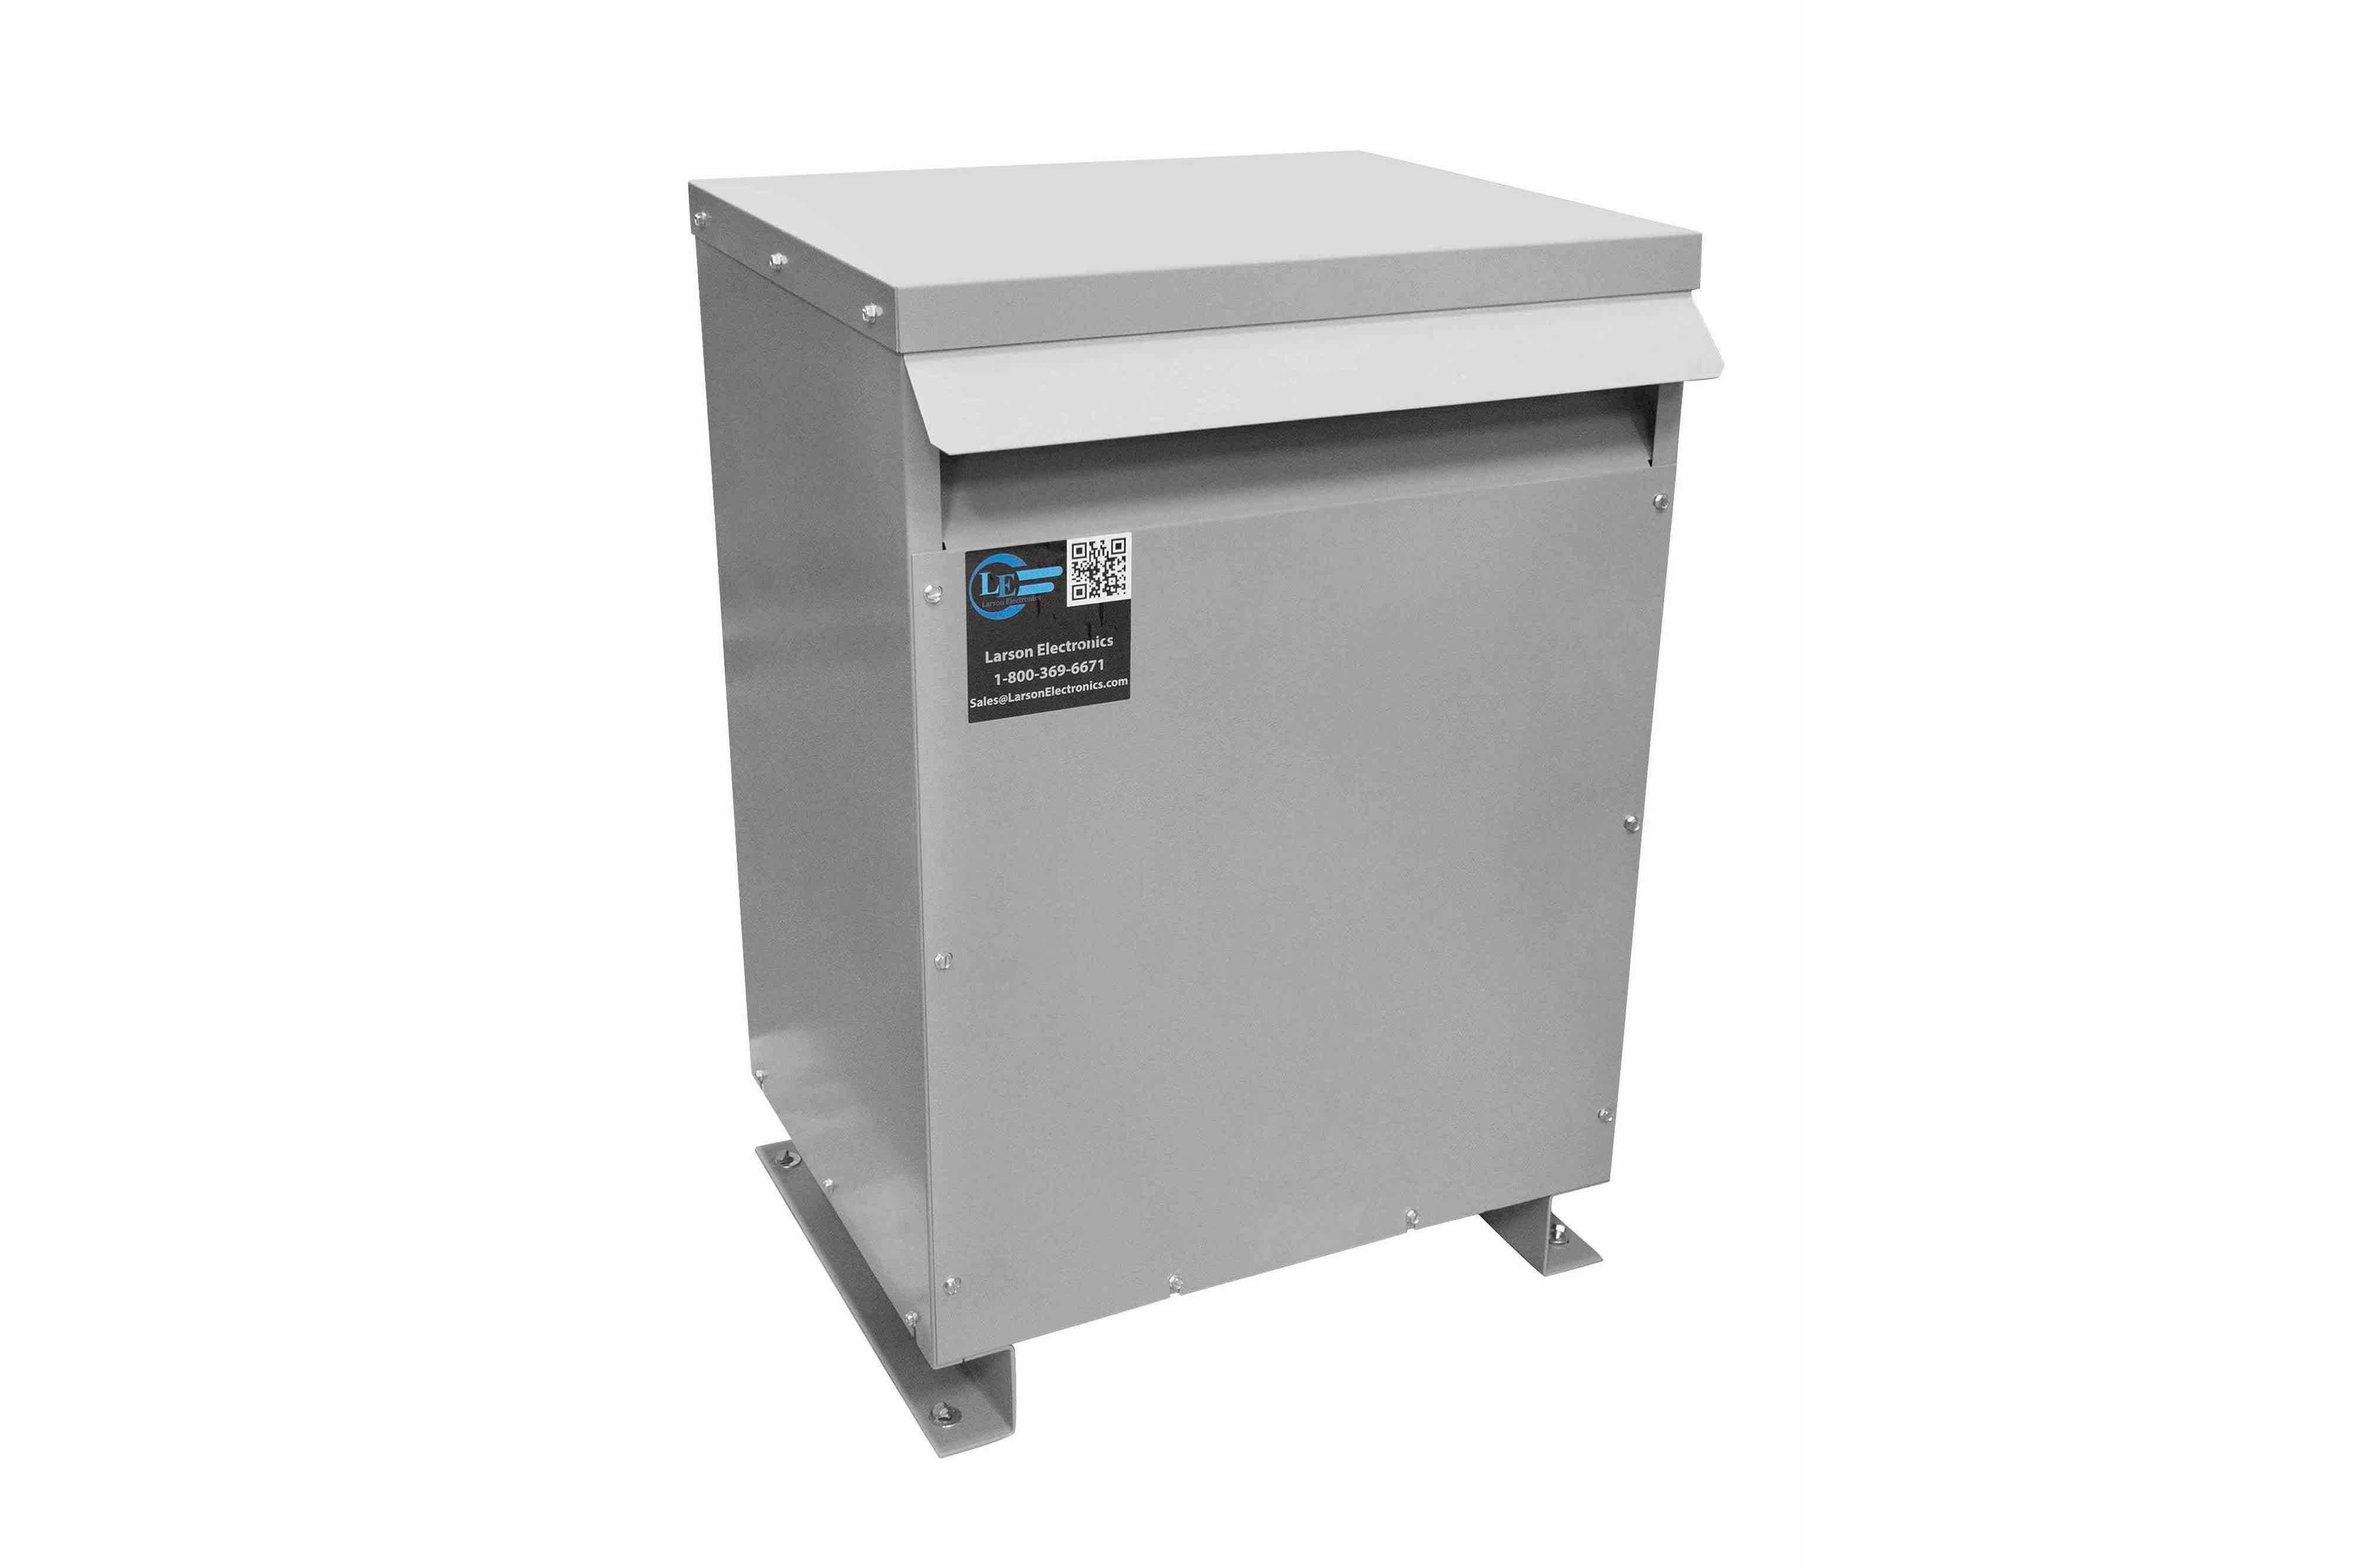 10 kVA 3PH Isolation Transformer, 240V Delta Primary, 600V Delta Secondary, N3R, Ventilated, 60 Hz